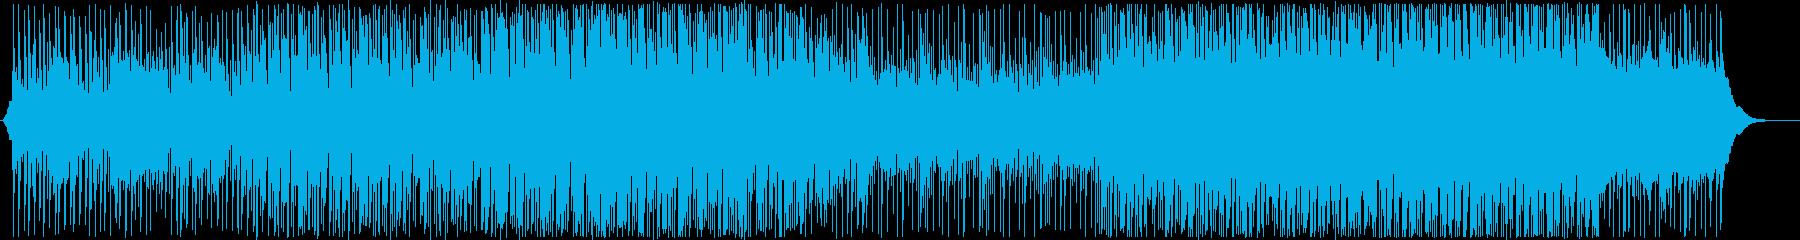 爽やかで希望溢れるプロモーション曲の再生済みの波形